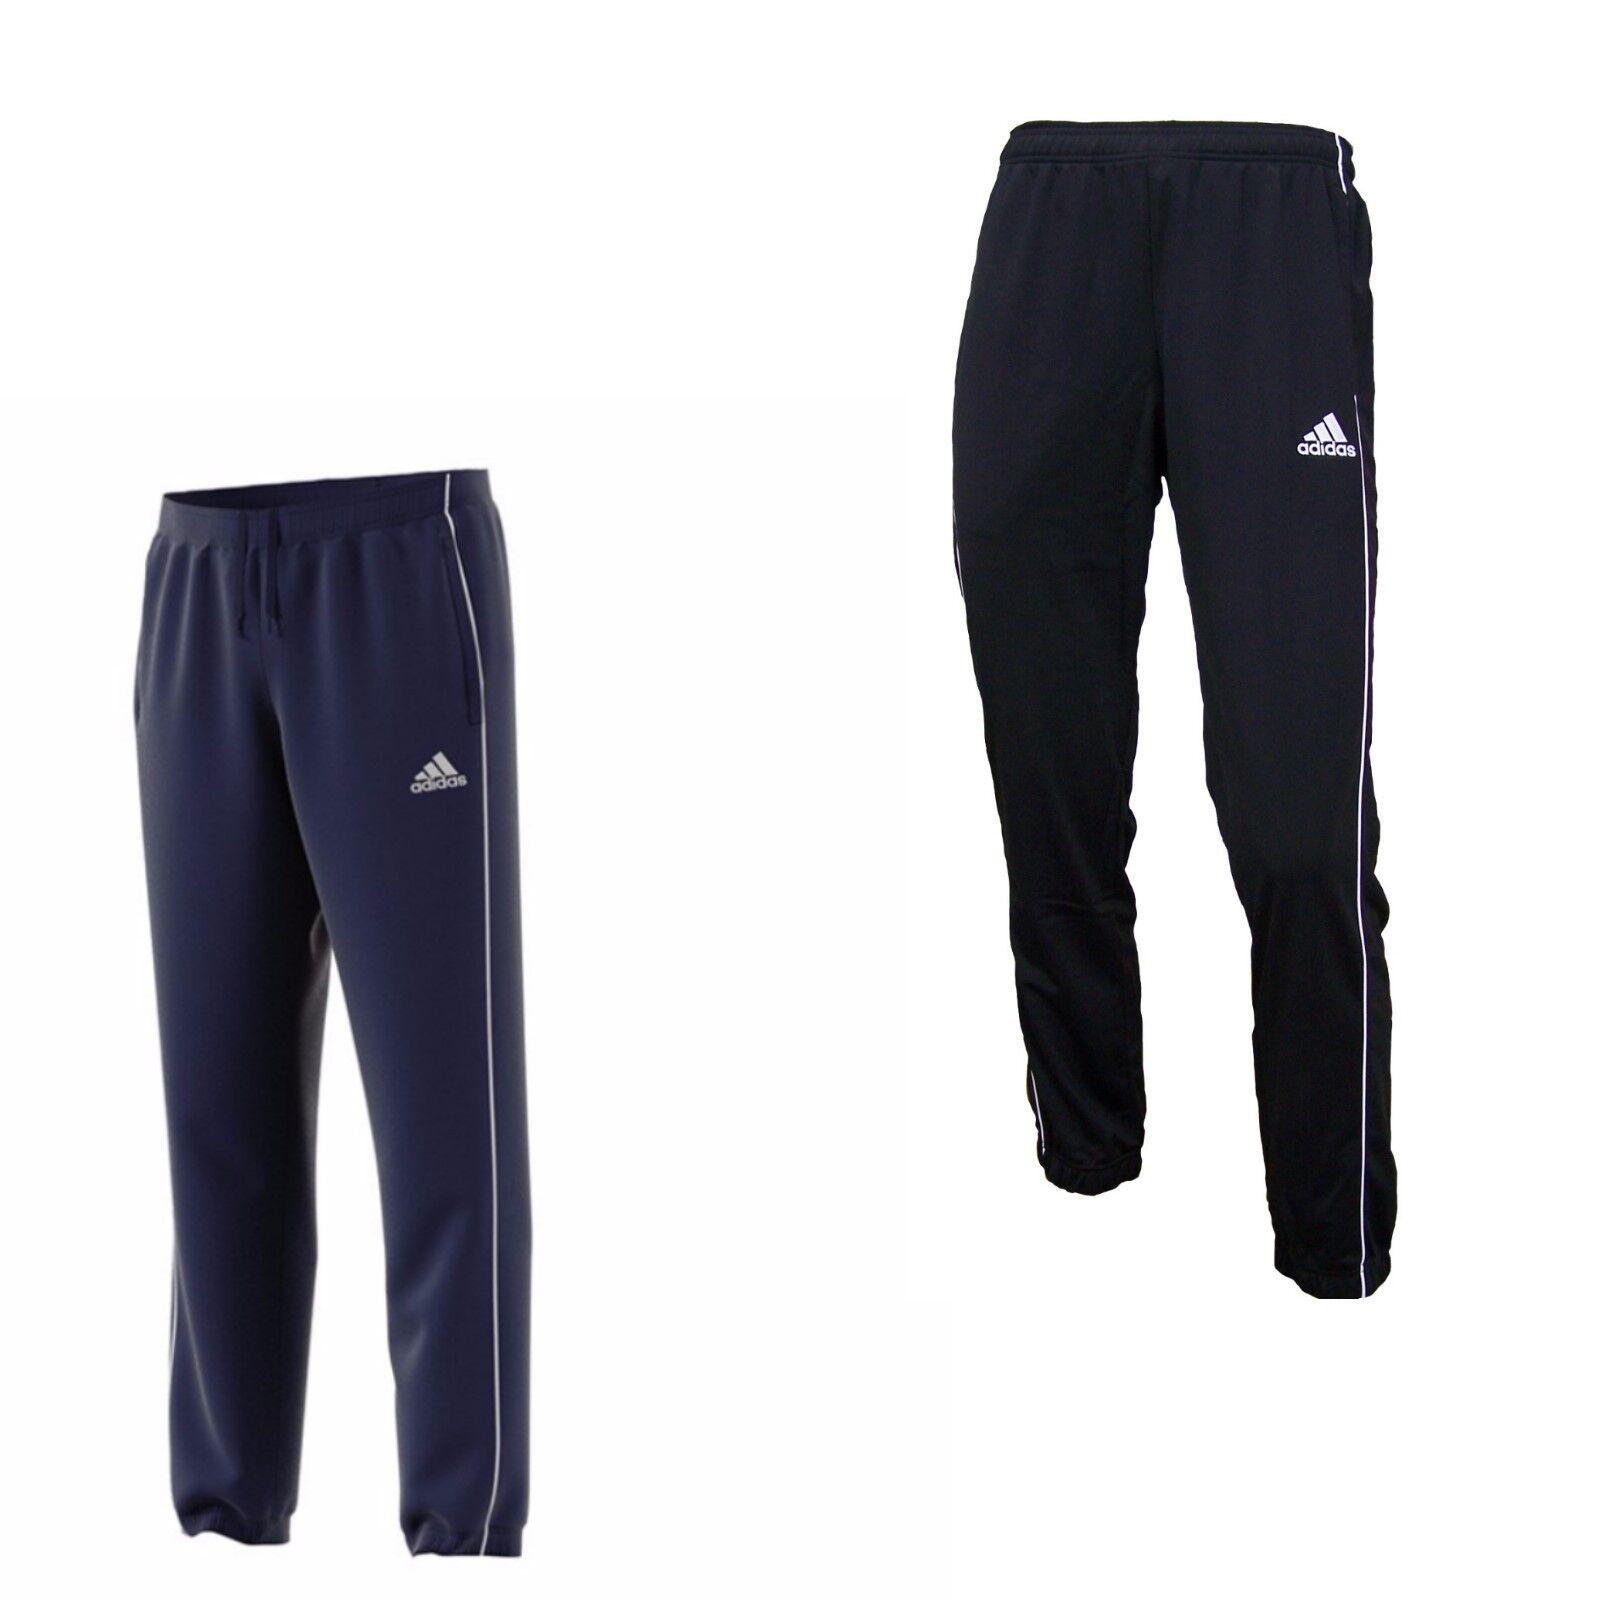 adidas Sporthose Fußball Trainingshose Jogginghose Sport Hose Lang Herren Männer